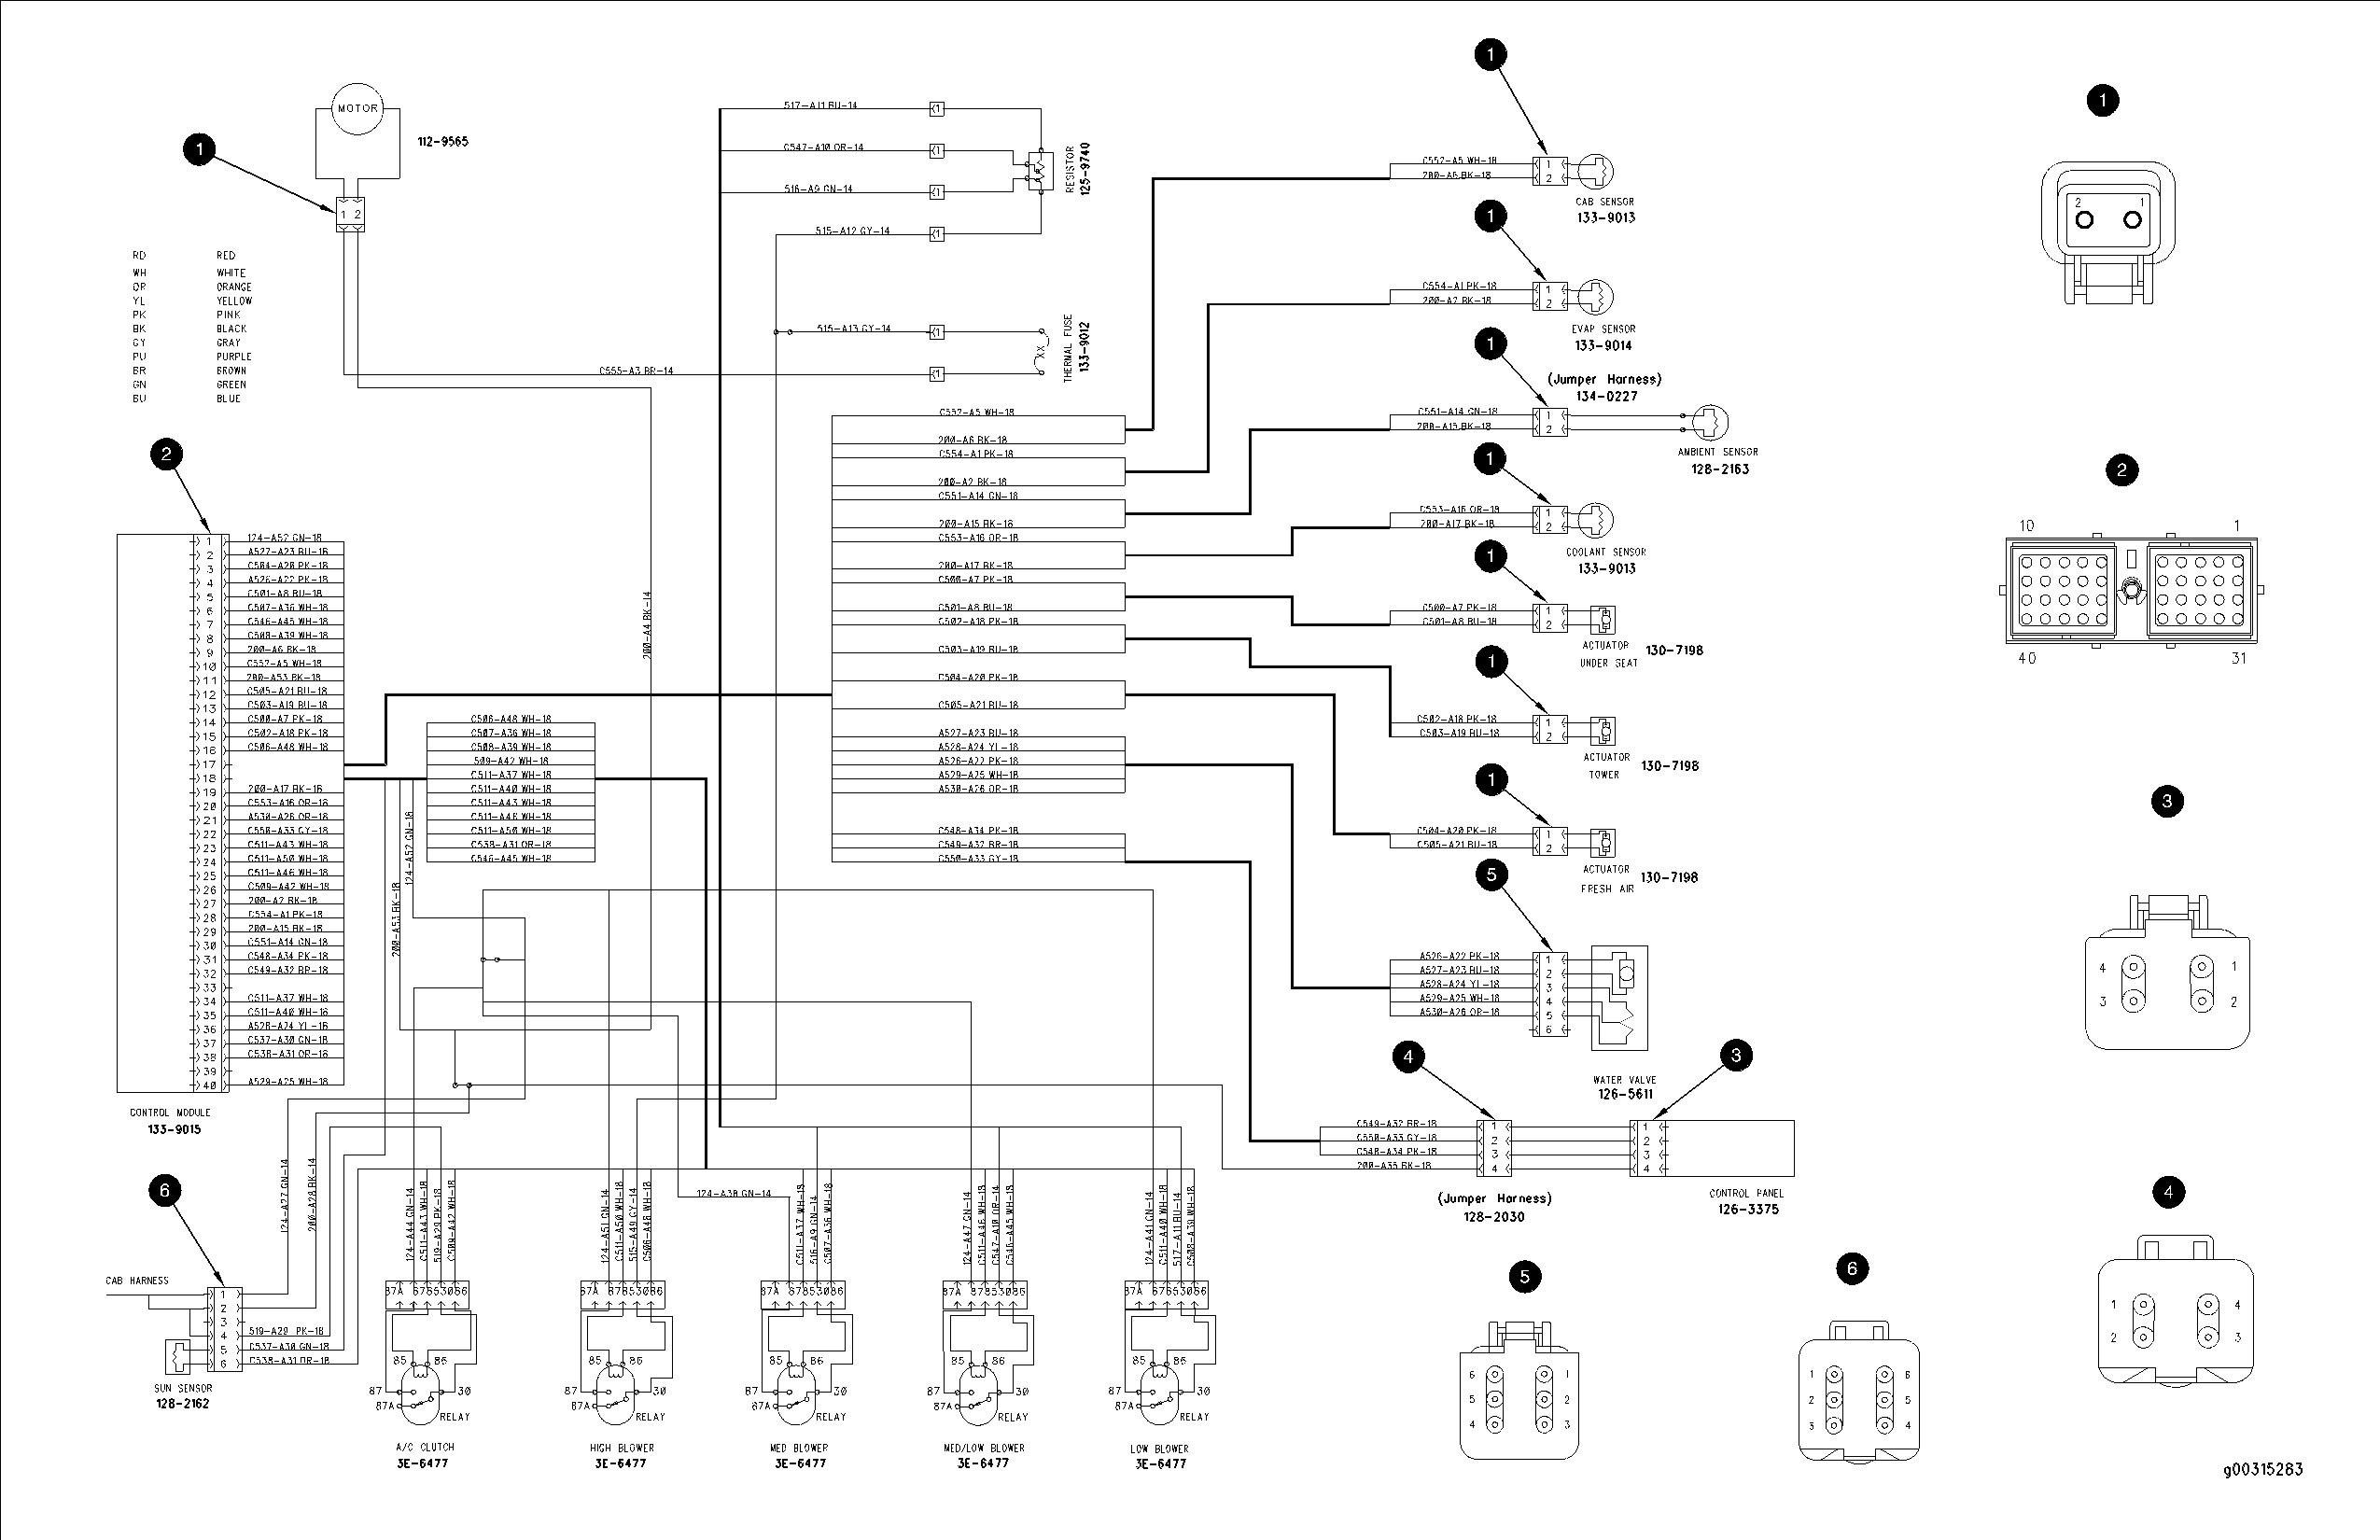 Cat 3126 Engine Diagram Caterpillar Radio Wiring Another Blog About Wiring Diagram • Of Cat 3126 Engine Diagram